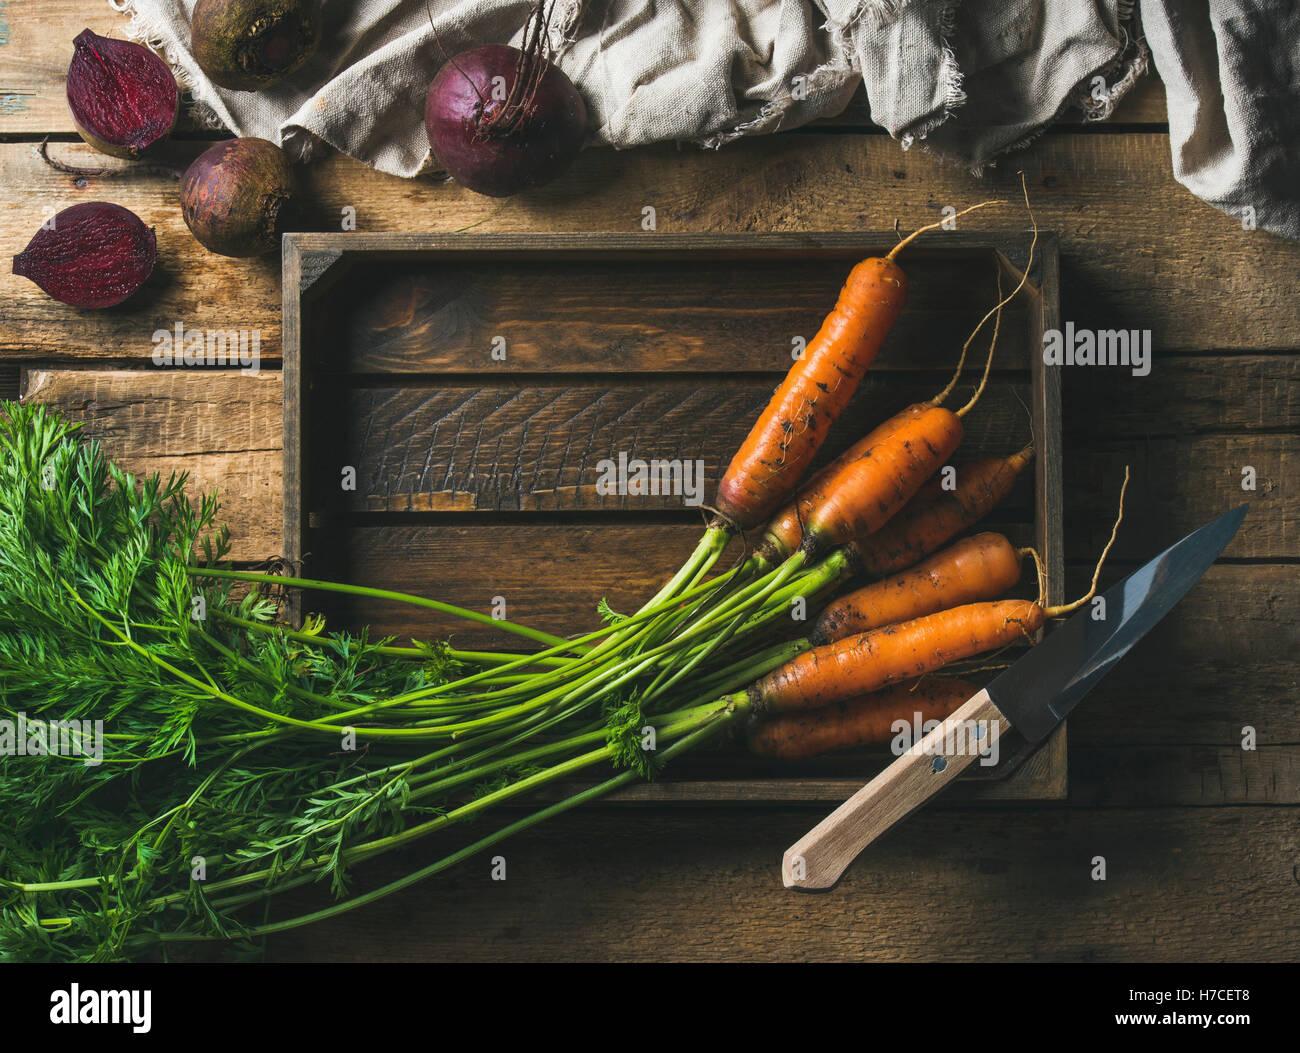 Cibo sano per la cottura dello sfondo. Di ingredienti vegetali. Fresco giardino carote e barbabietole nel vassoio Immagini Stock